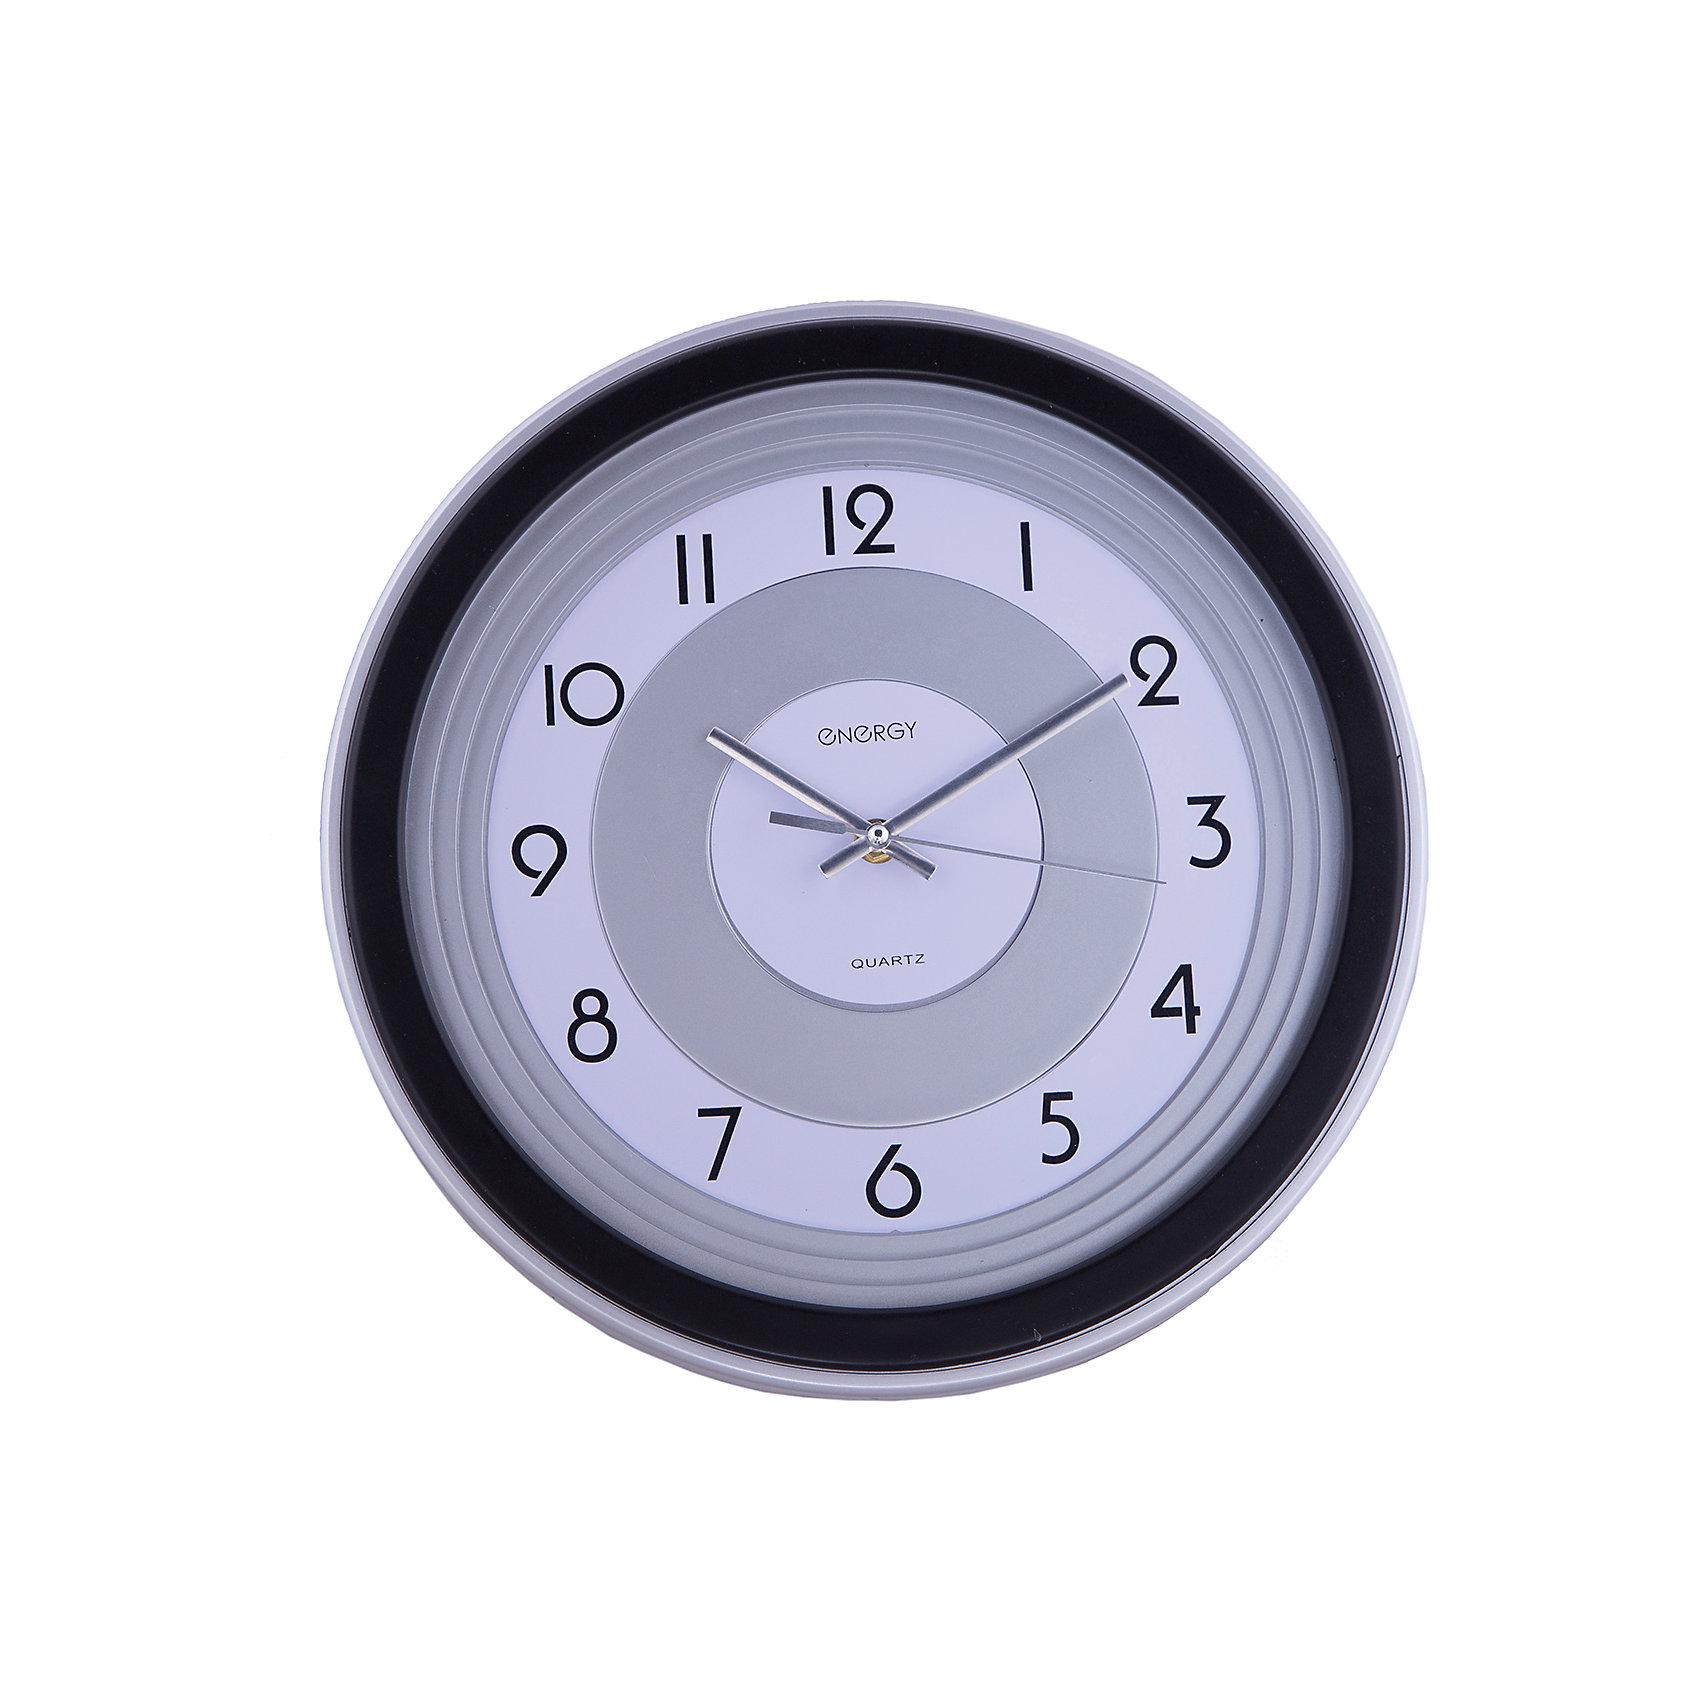 Часы настенные кварцевые ЕС-10, EnergyПредметы интерьера<br>Знать точное время вам помогут кварцевые часы Energy. Настенные часы круглой формы с крупными цифрами на циферблате оформлены в строгом серо-черном цвете. Плавный ход часов. <br><br>Дополнительная информация:<br><br>Размер: 33,5х33,5 см <br><br>Материал корпуса: пластик<br><br>Напряжение: 1.5В<br><br>Для работы настенных часов требуется приобрести батарейки: 1 шт. типа АА<br><br>Часы настенные кварцевые ЕС-10, Energy можно купить в нашем интернет-магазине.<br><br>Ширина мм: 330<br>Глубина мм: 50<br>Высота мм: 330<br>Вес г: 770<br>Возраст от месяцев: 36<br>Возраст до месяцев: 1080<br>Пол: Унисекс<br>Возраст: Детский<br>SKU: 4989891